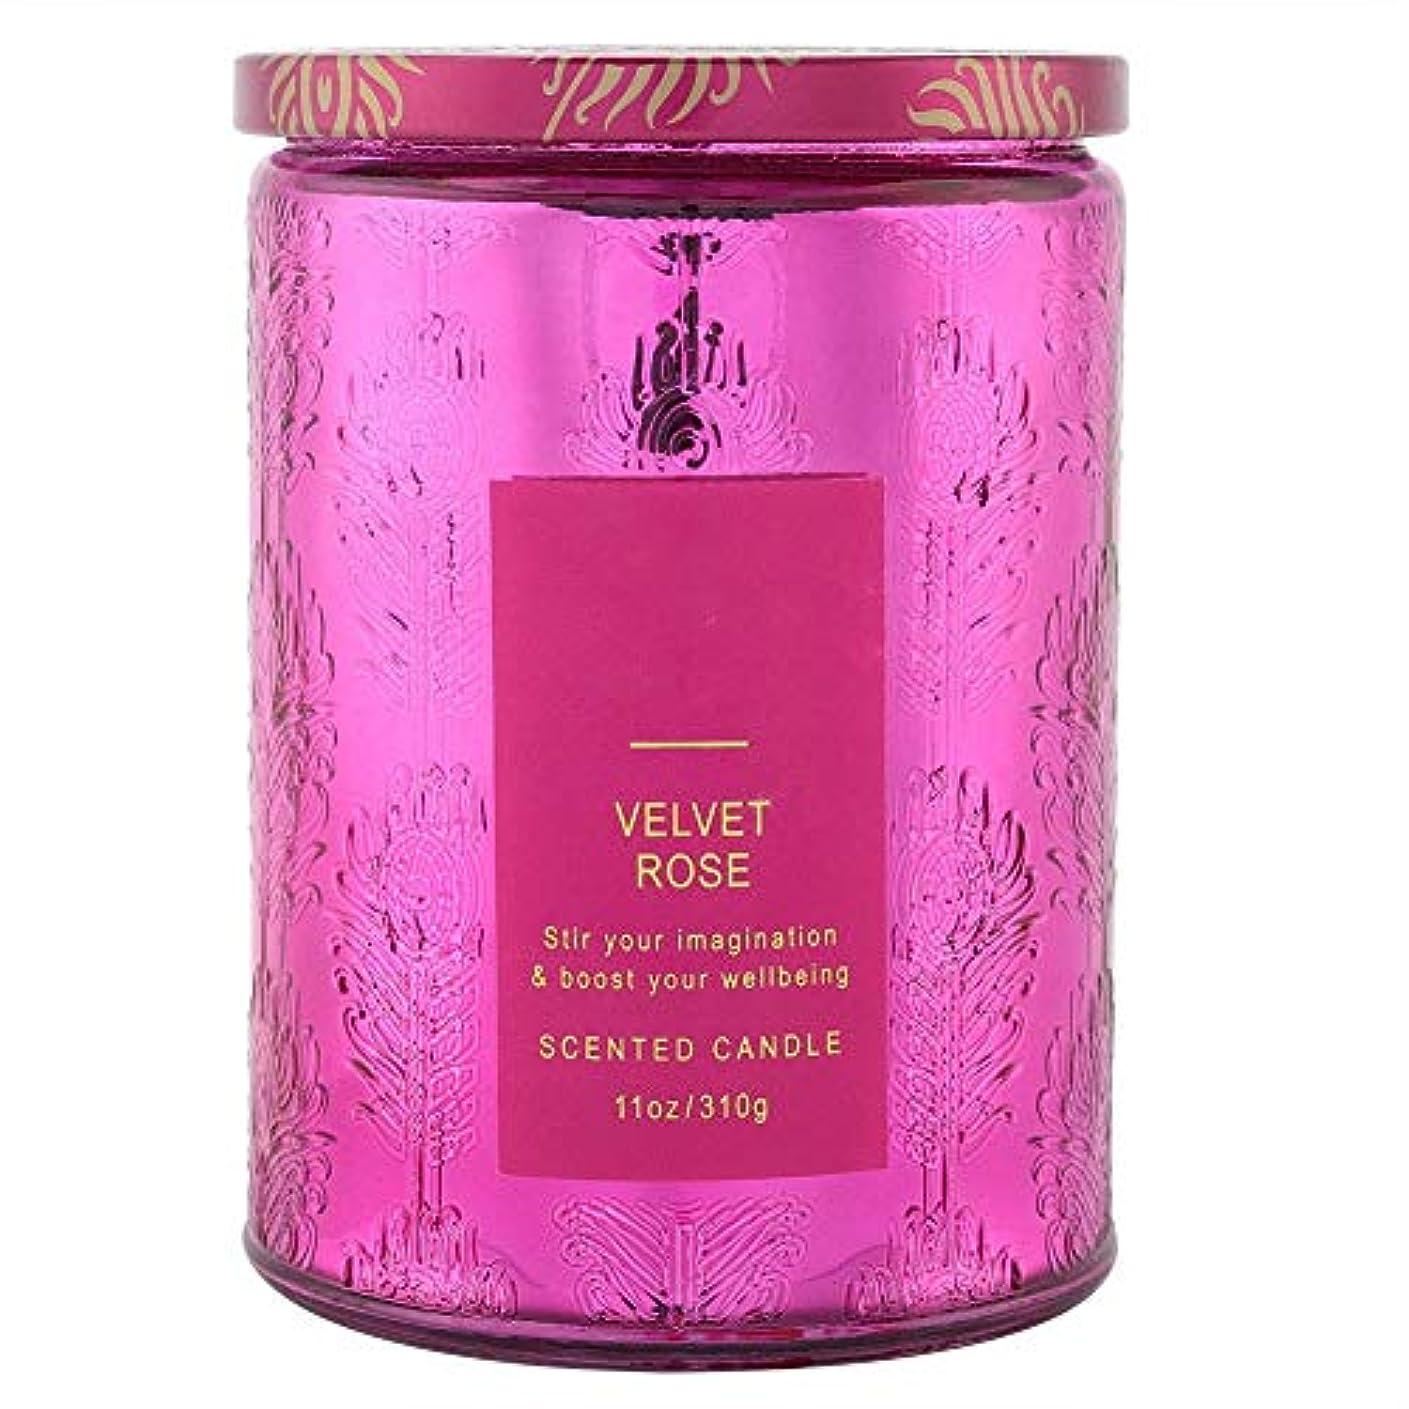 大豆キャンドルエッセンシャルオイル、繊細な香りのキャンドル甘い花の香りワックスローズキャンドルクリアガラスボトル付き